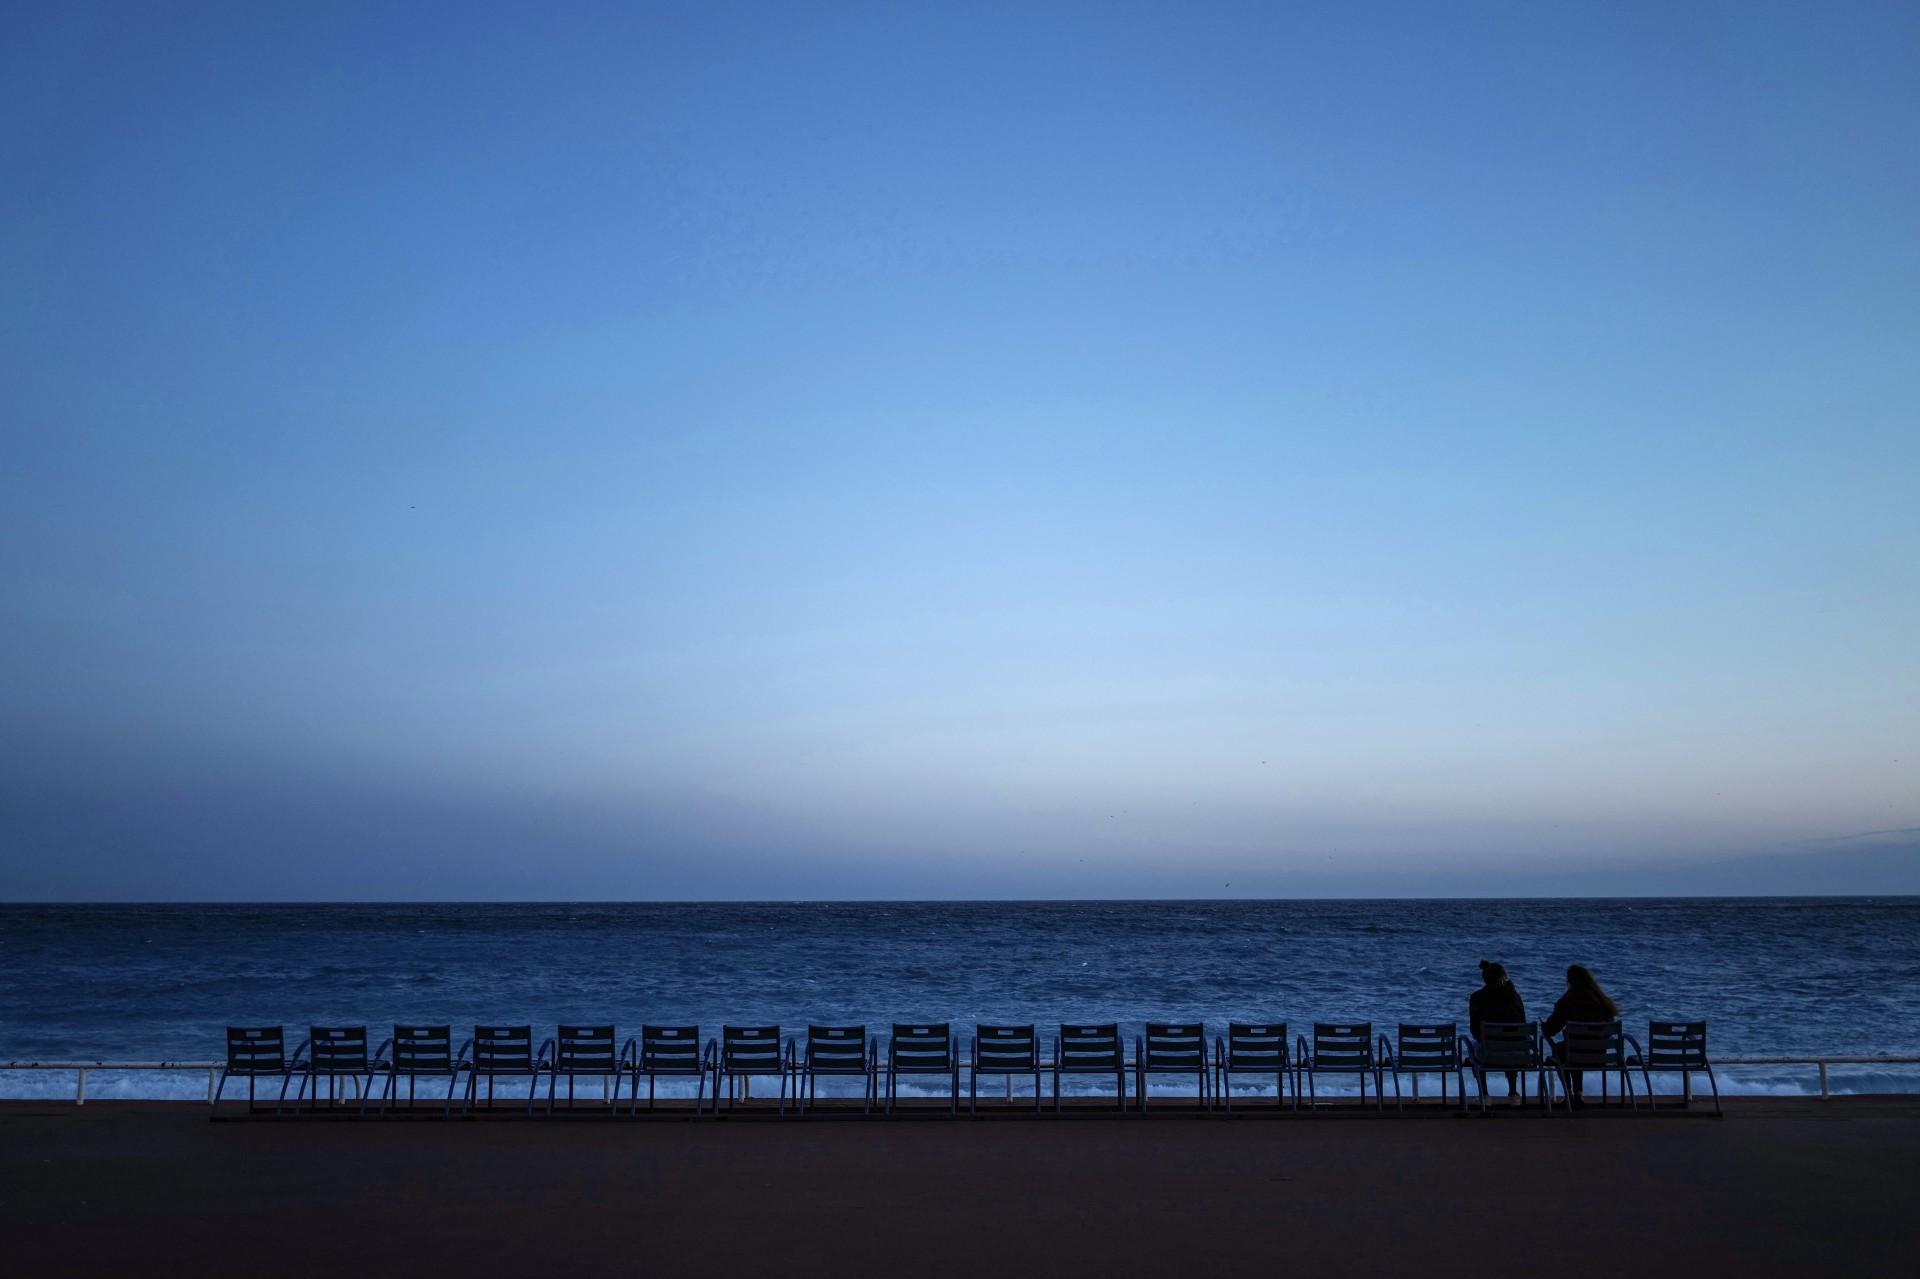 Duas pessoas sentam-se em frente ao Mar Mediterrâneo no início da noite na